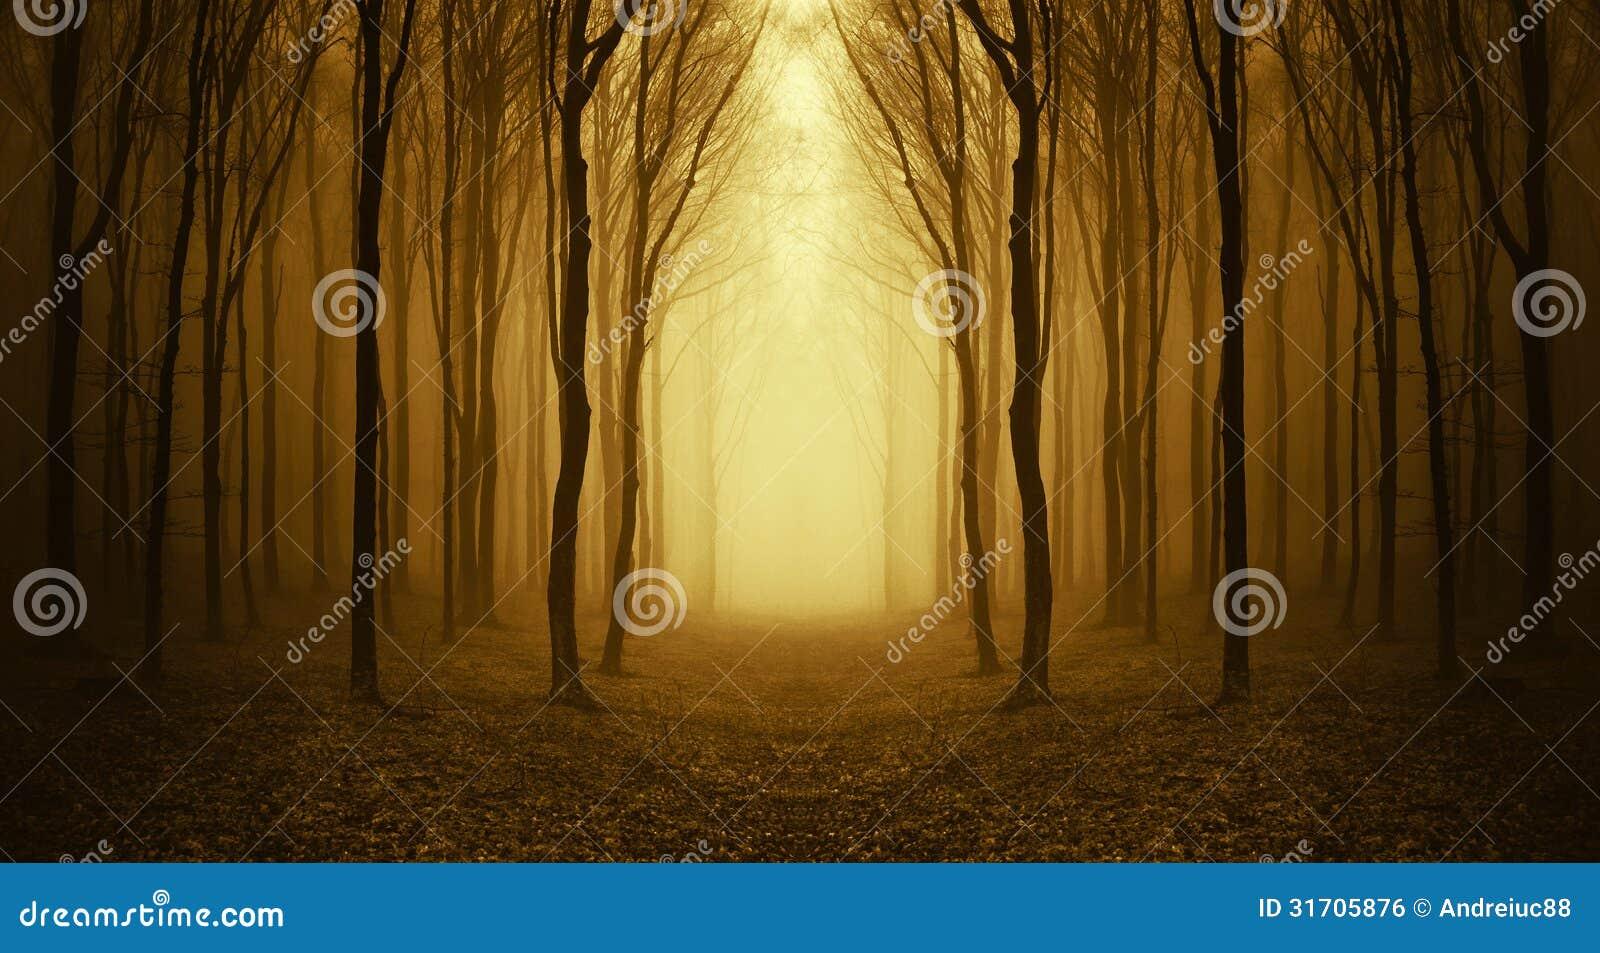 Wegabflussrinne ein merkwürdiger Wald mit Nebel im Herbst